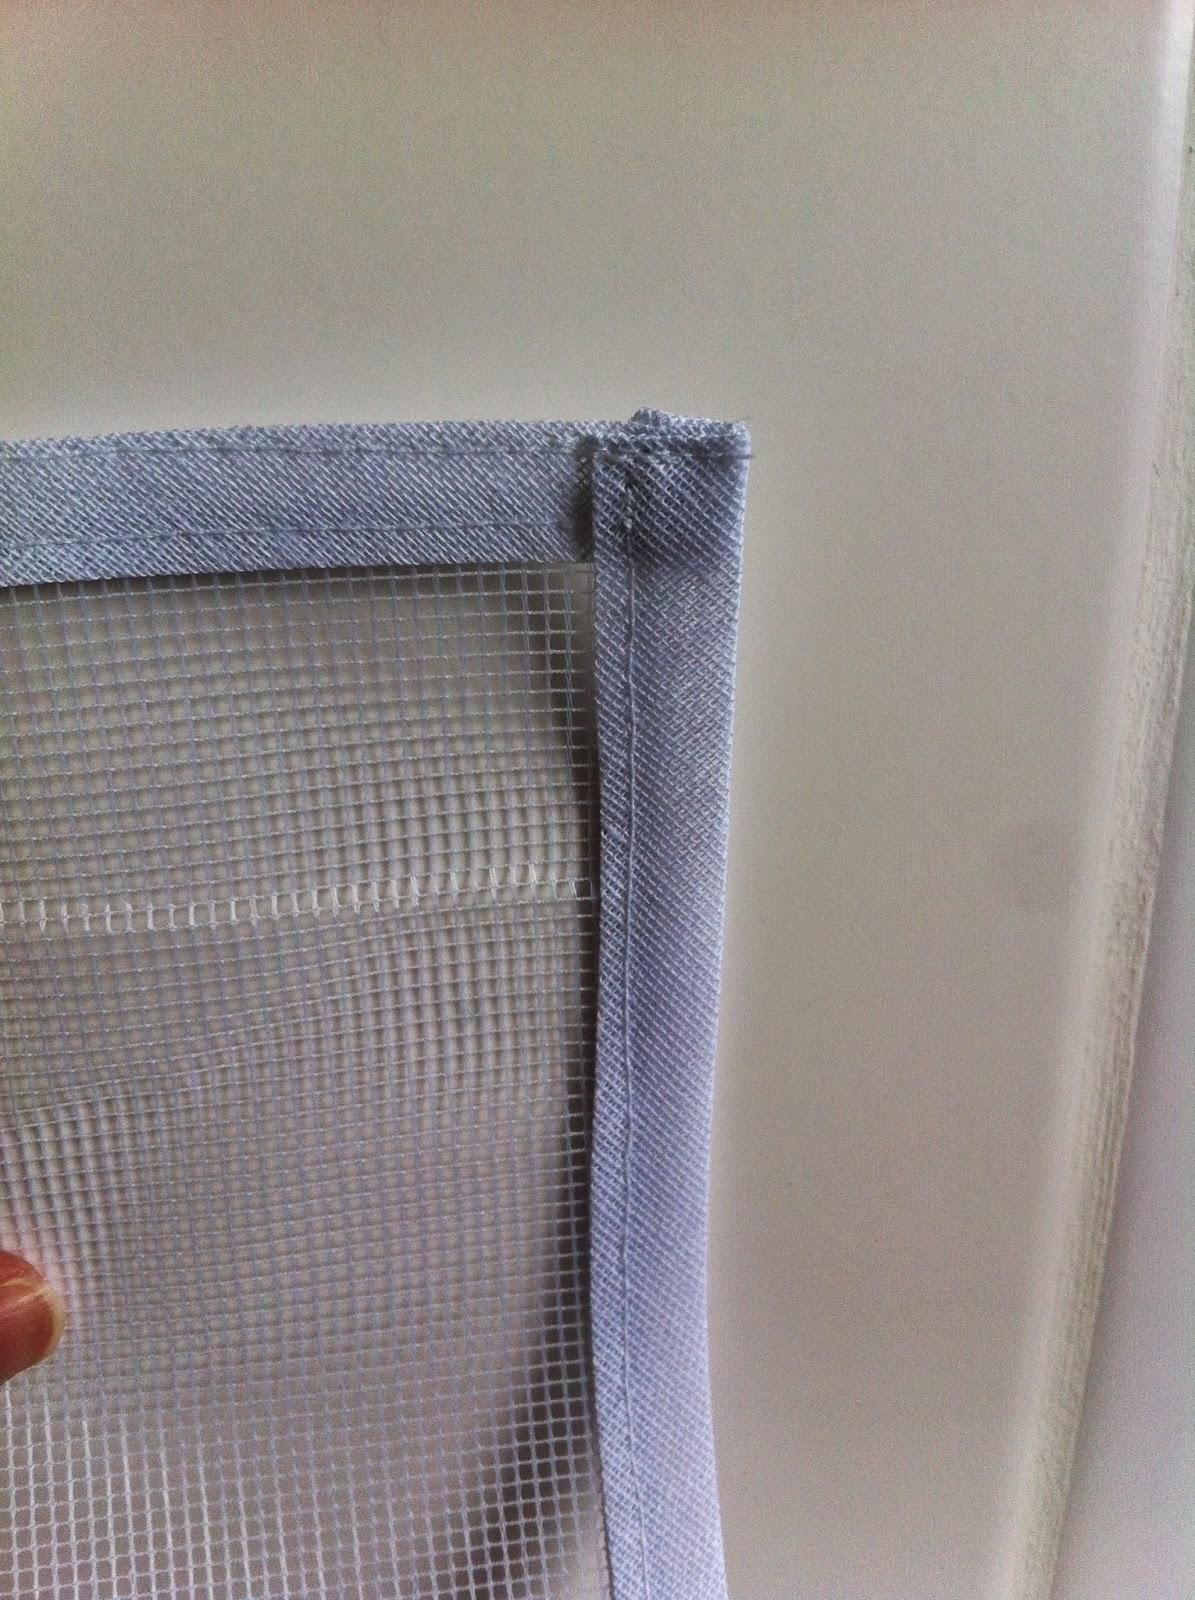 #684741 Tela mosquiteiro 1472 Tela Mosquiteiro Para Janela De Aluminio